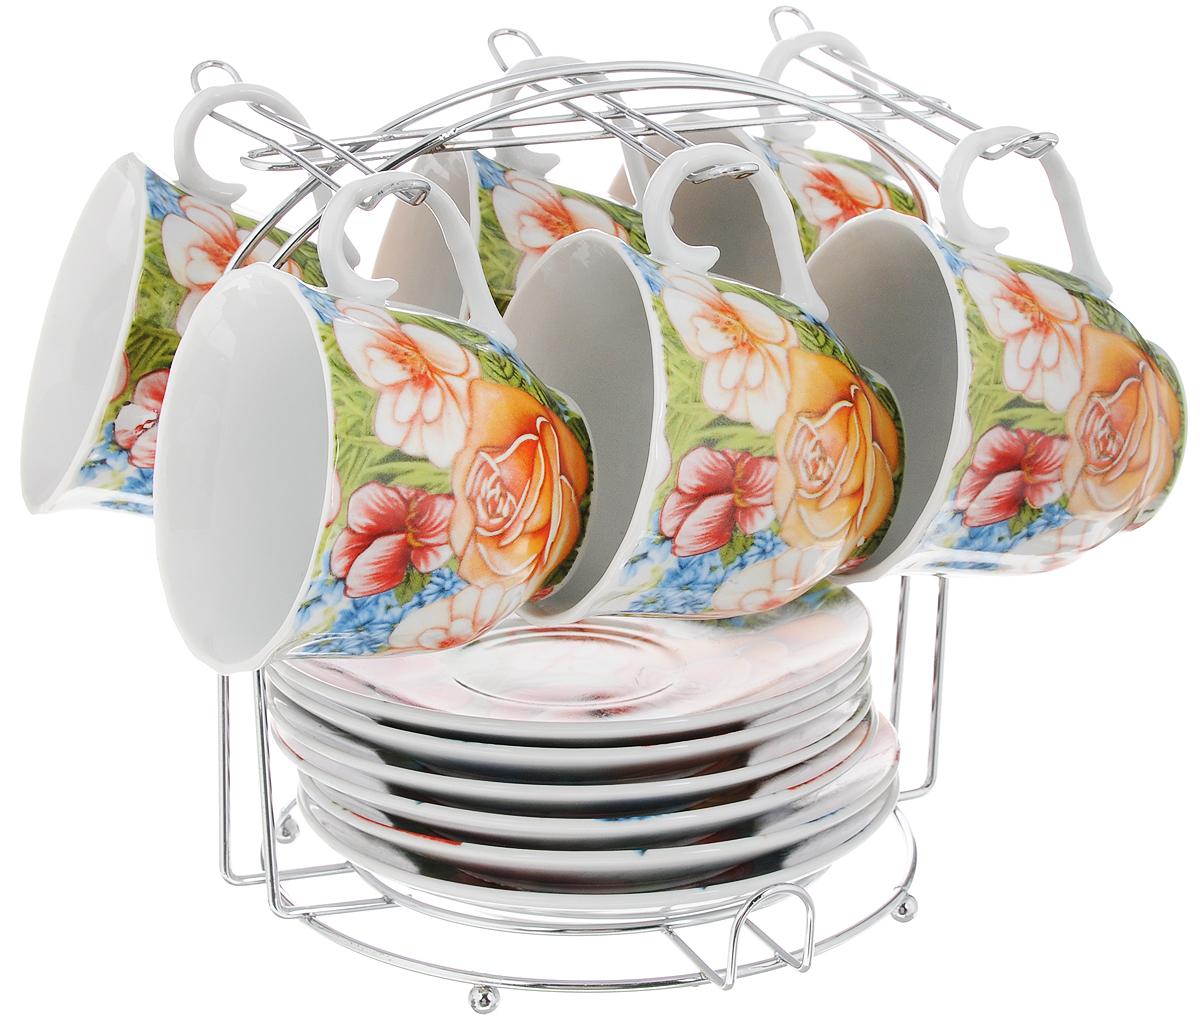 Набор чайный Bella, на подставке, 13 предметов. DL-F6MS-022DL-F6MS-022Набор Bella состоит из шести чашек и шести блюдец, изготовленных из высококачественного фарфора. Чашки оформлены красочным рисунком. Изделия расположены на металлической подставке. Такой набор подходит для подачи чая или кофе. Чайный набор Bella - идеальный и необходимый подарок для вашего дома и для ваших друзей в праздники. Объем чашки: 220 мл. Диаметр чашки (по верхнему краю): 8 см. Высота чашки: 7,5 см. Диаметр блюдца: 14 см. Высота блюдца: 2 см. Размер подставки: 17,5 х 17,5 х 19 см.